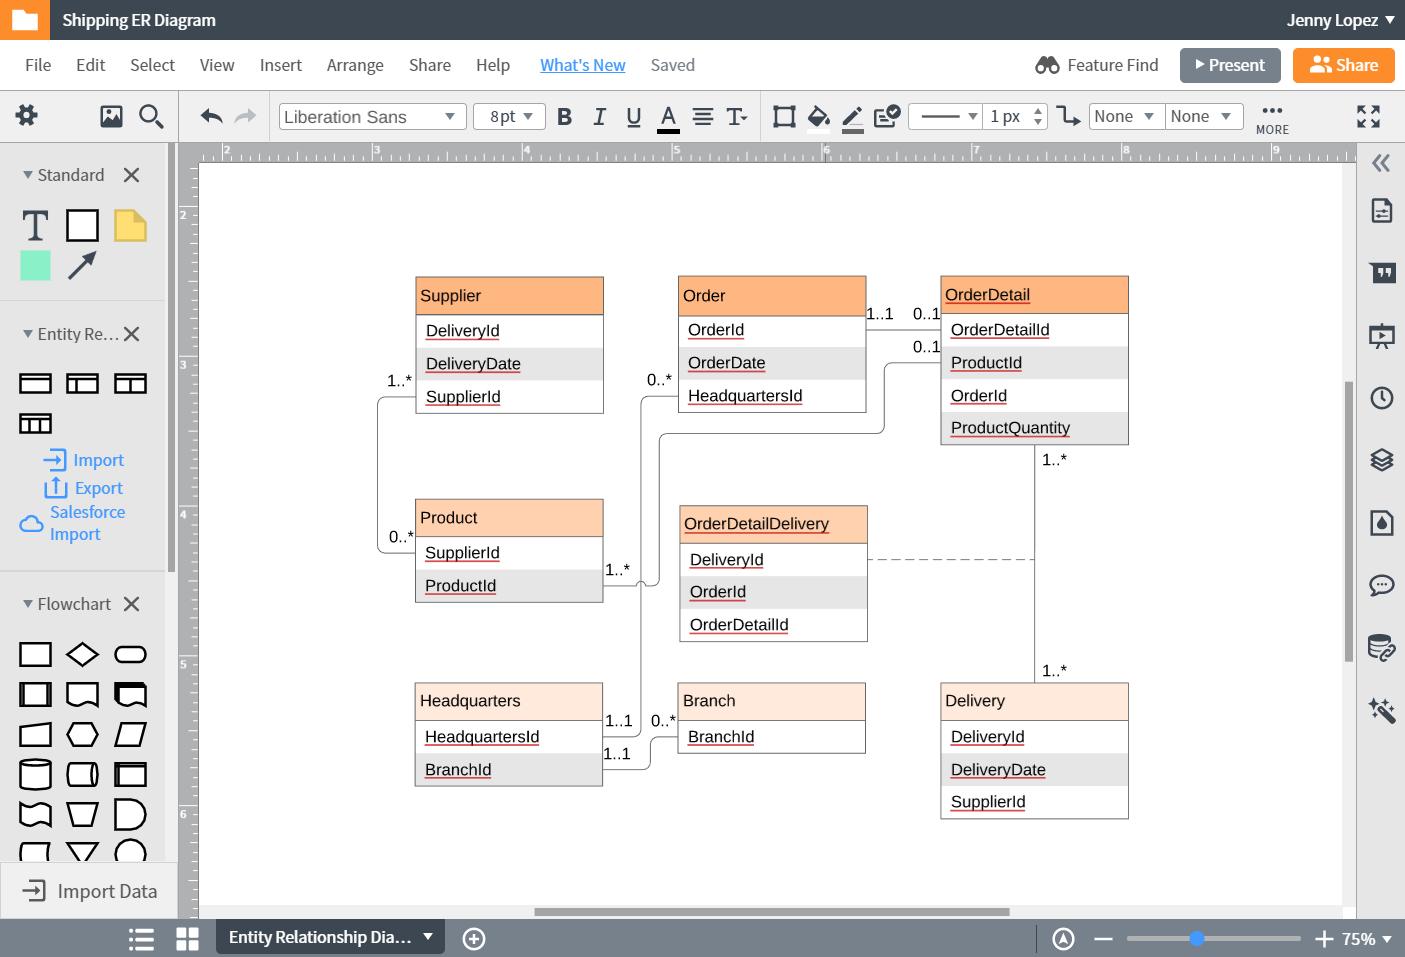 Er Diagram (Erd) Tool | Lucidchart with Free Erd Diagram Tool Online